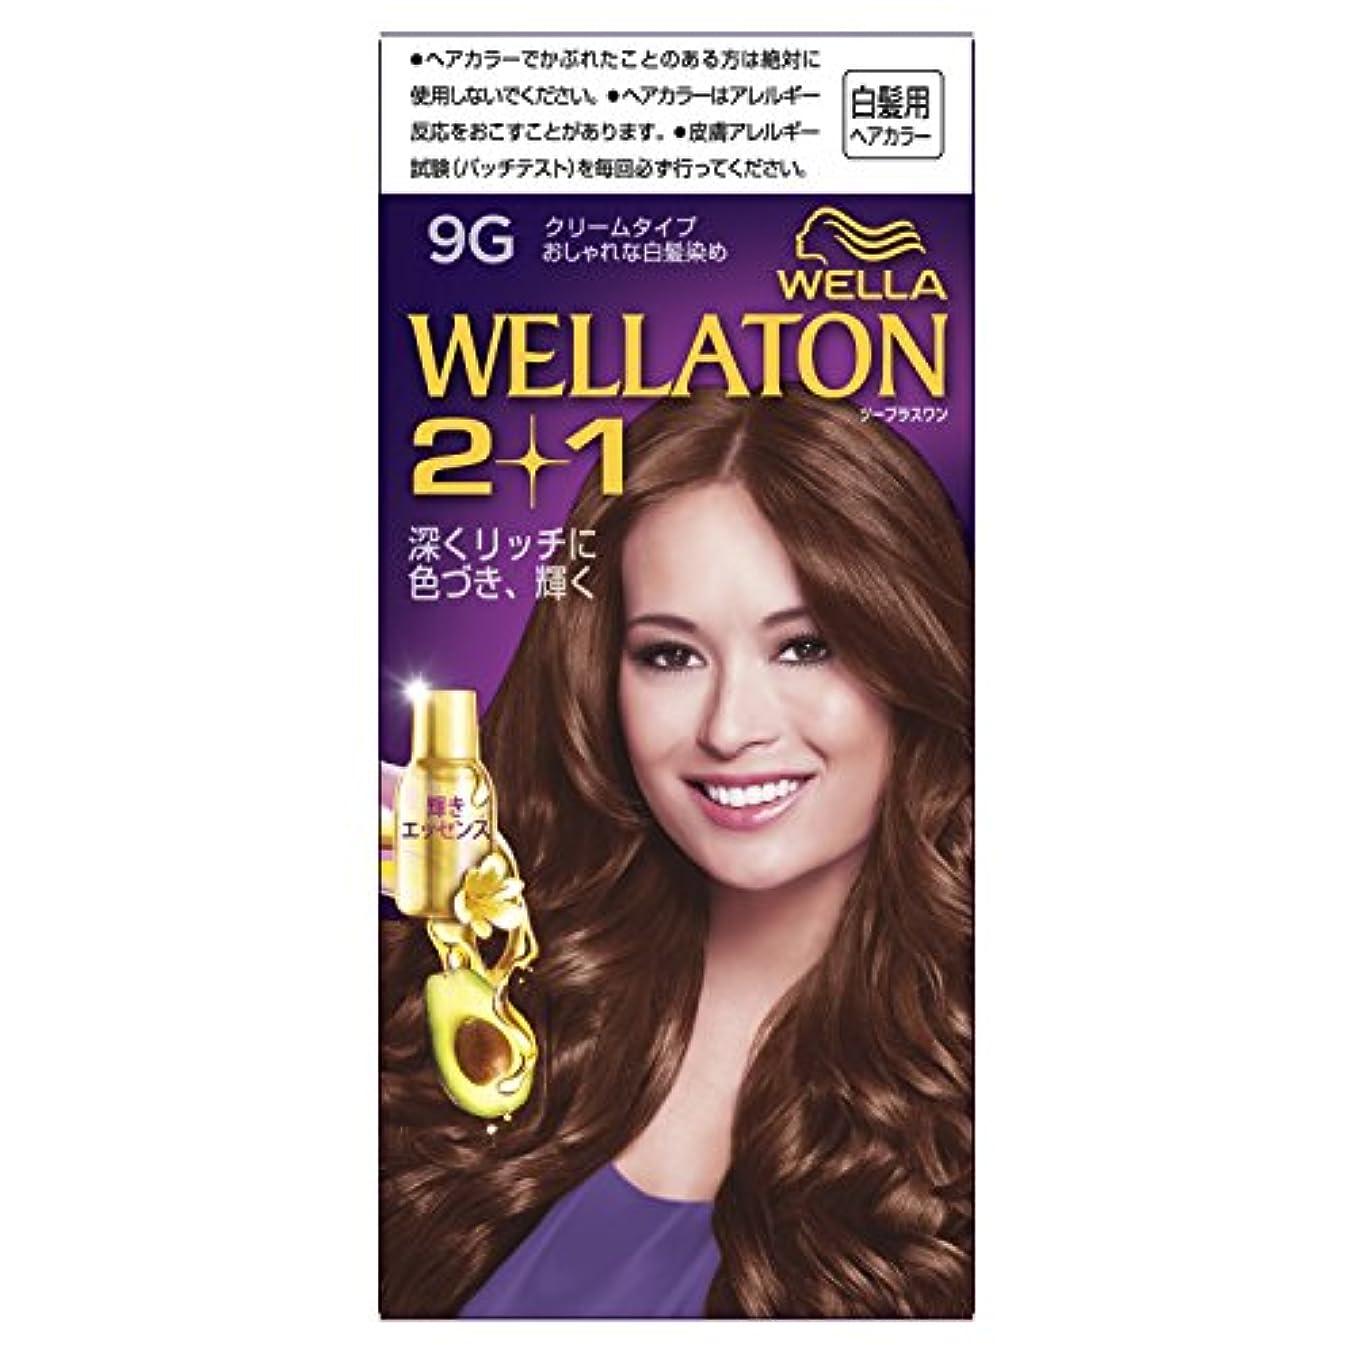 子音プレゼンター実行するウエラトーン2+1 クリームタイプ 9G [医薬部外品](おしゃれな白髪染め)